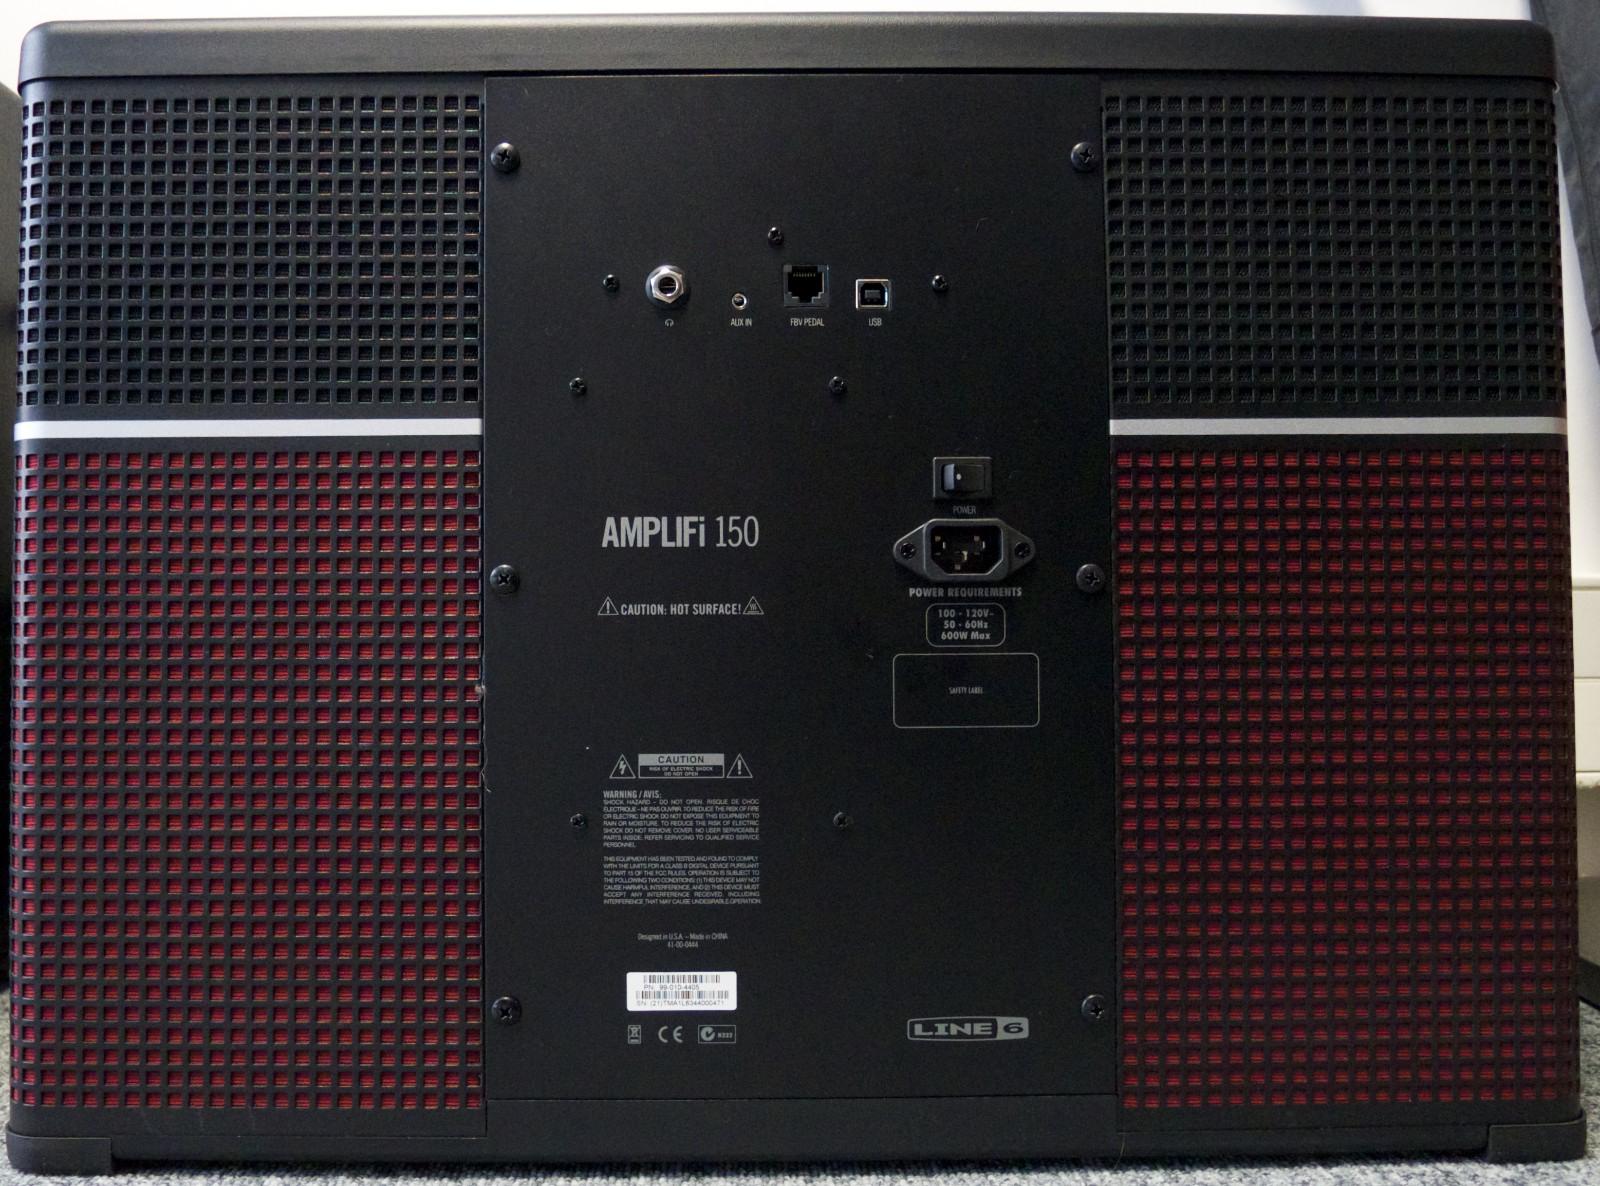 line 6 amplifi 150 manual